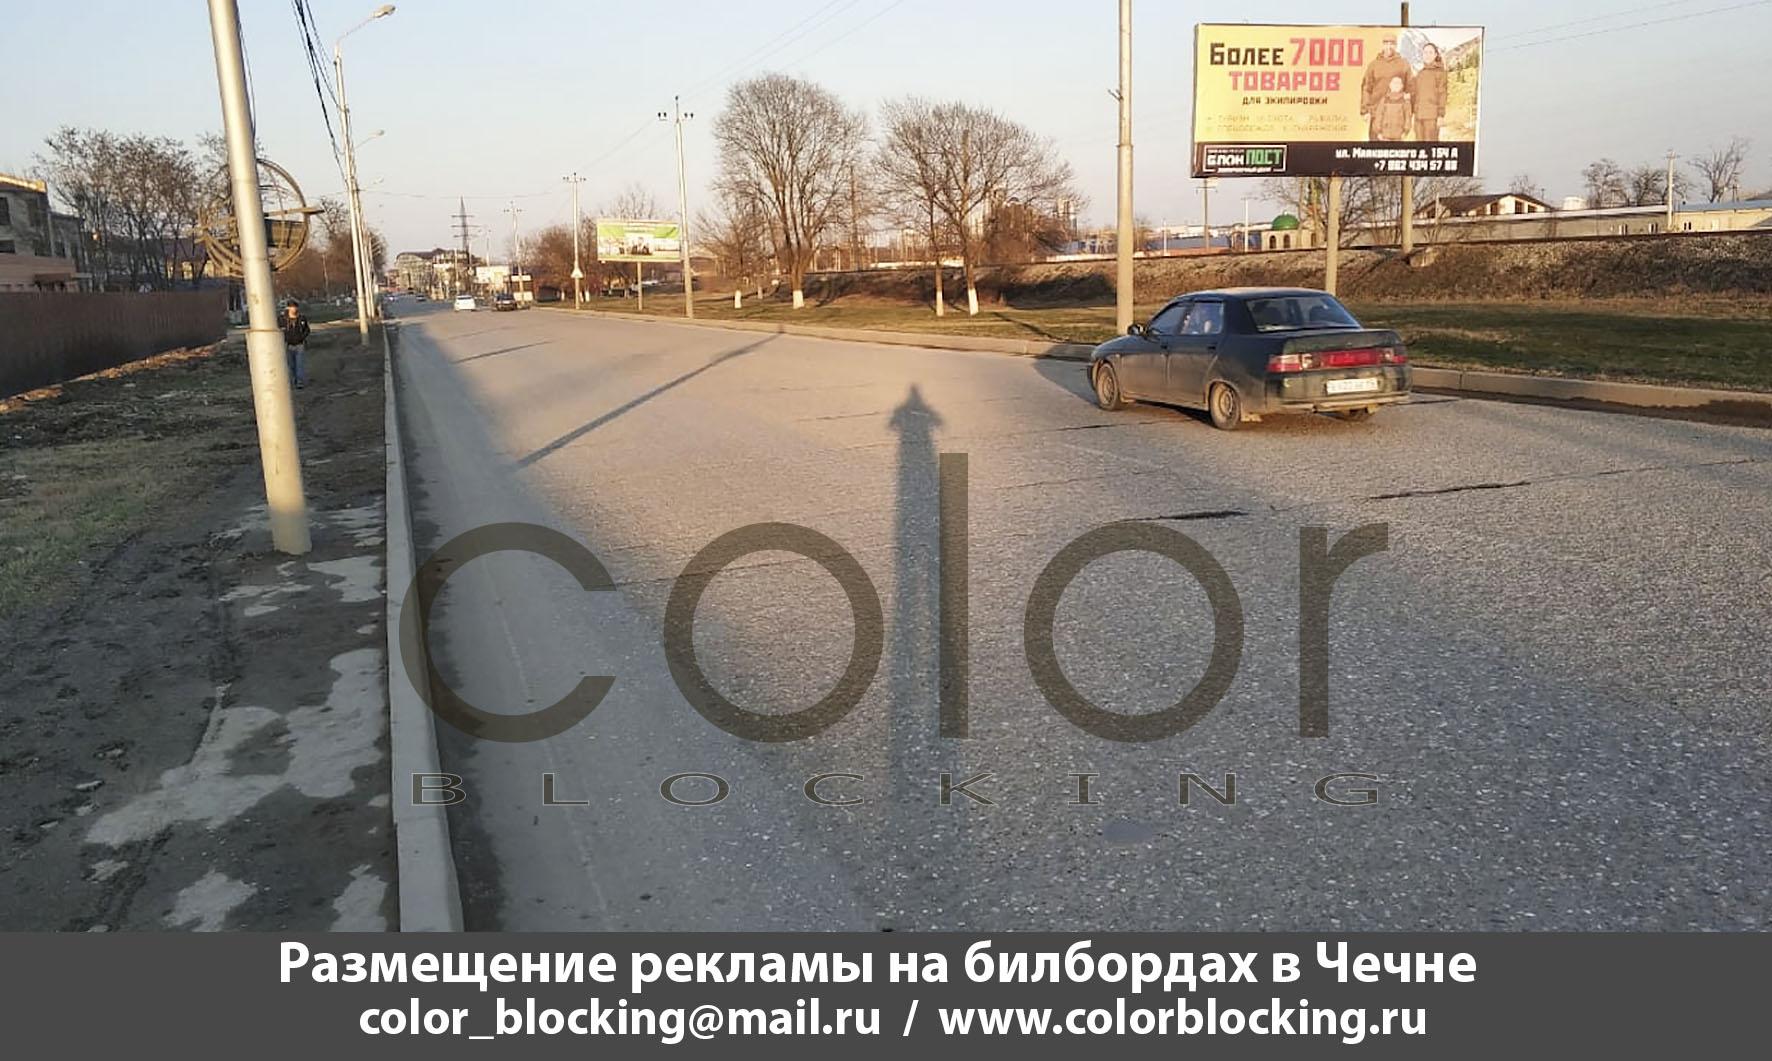 Реклама на билбордах в Грозном БлокПост разместить